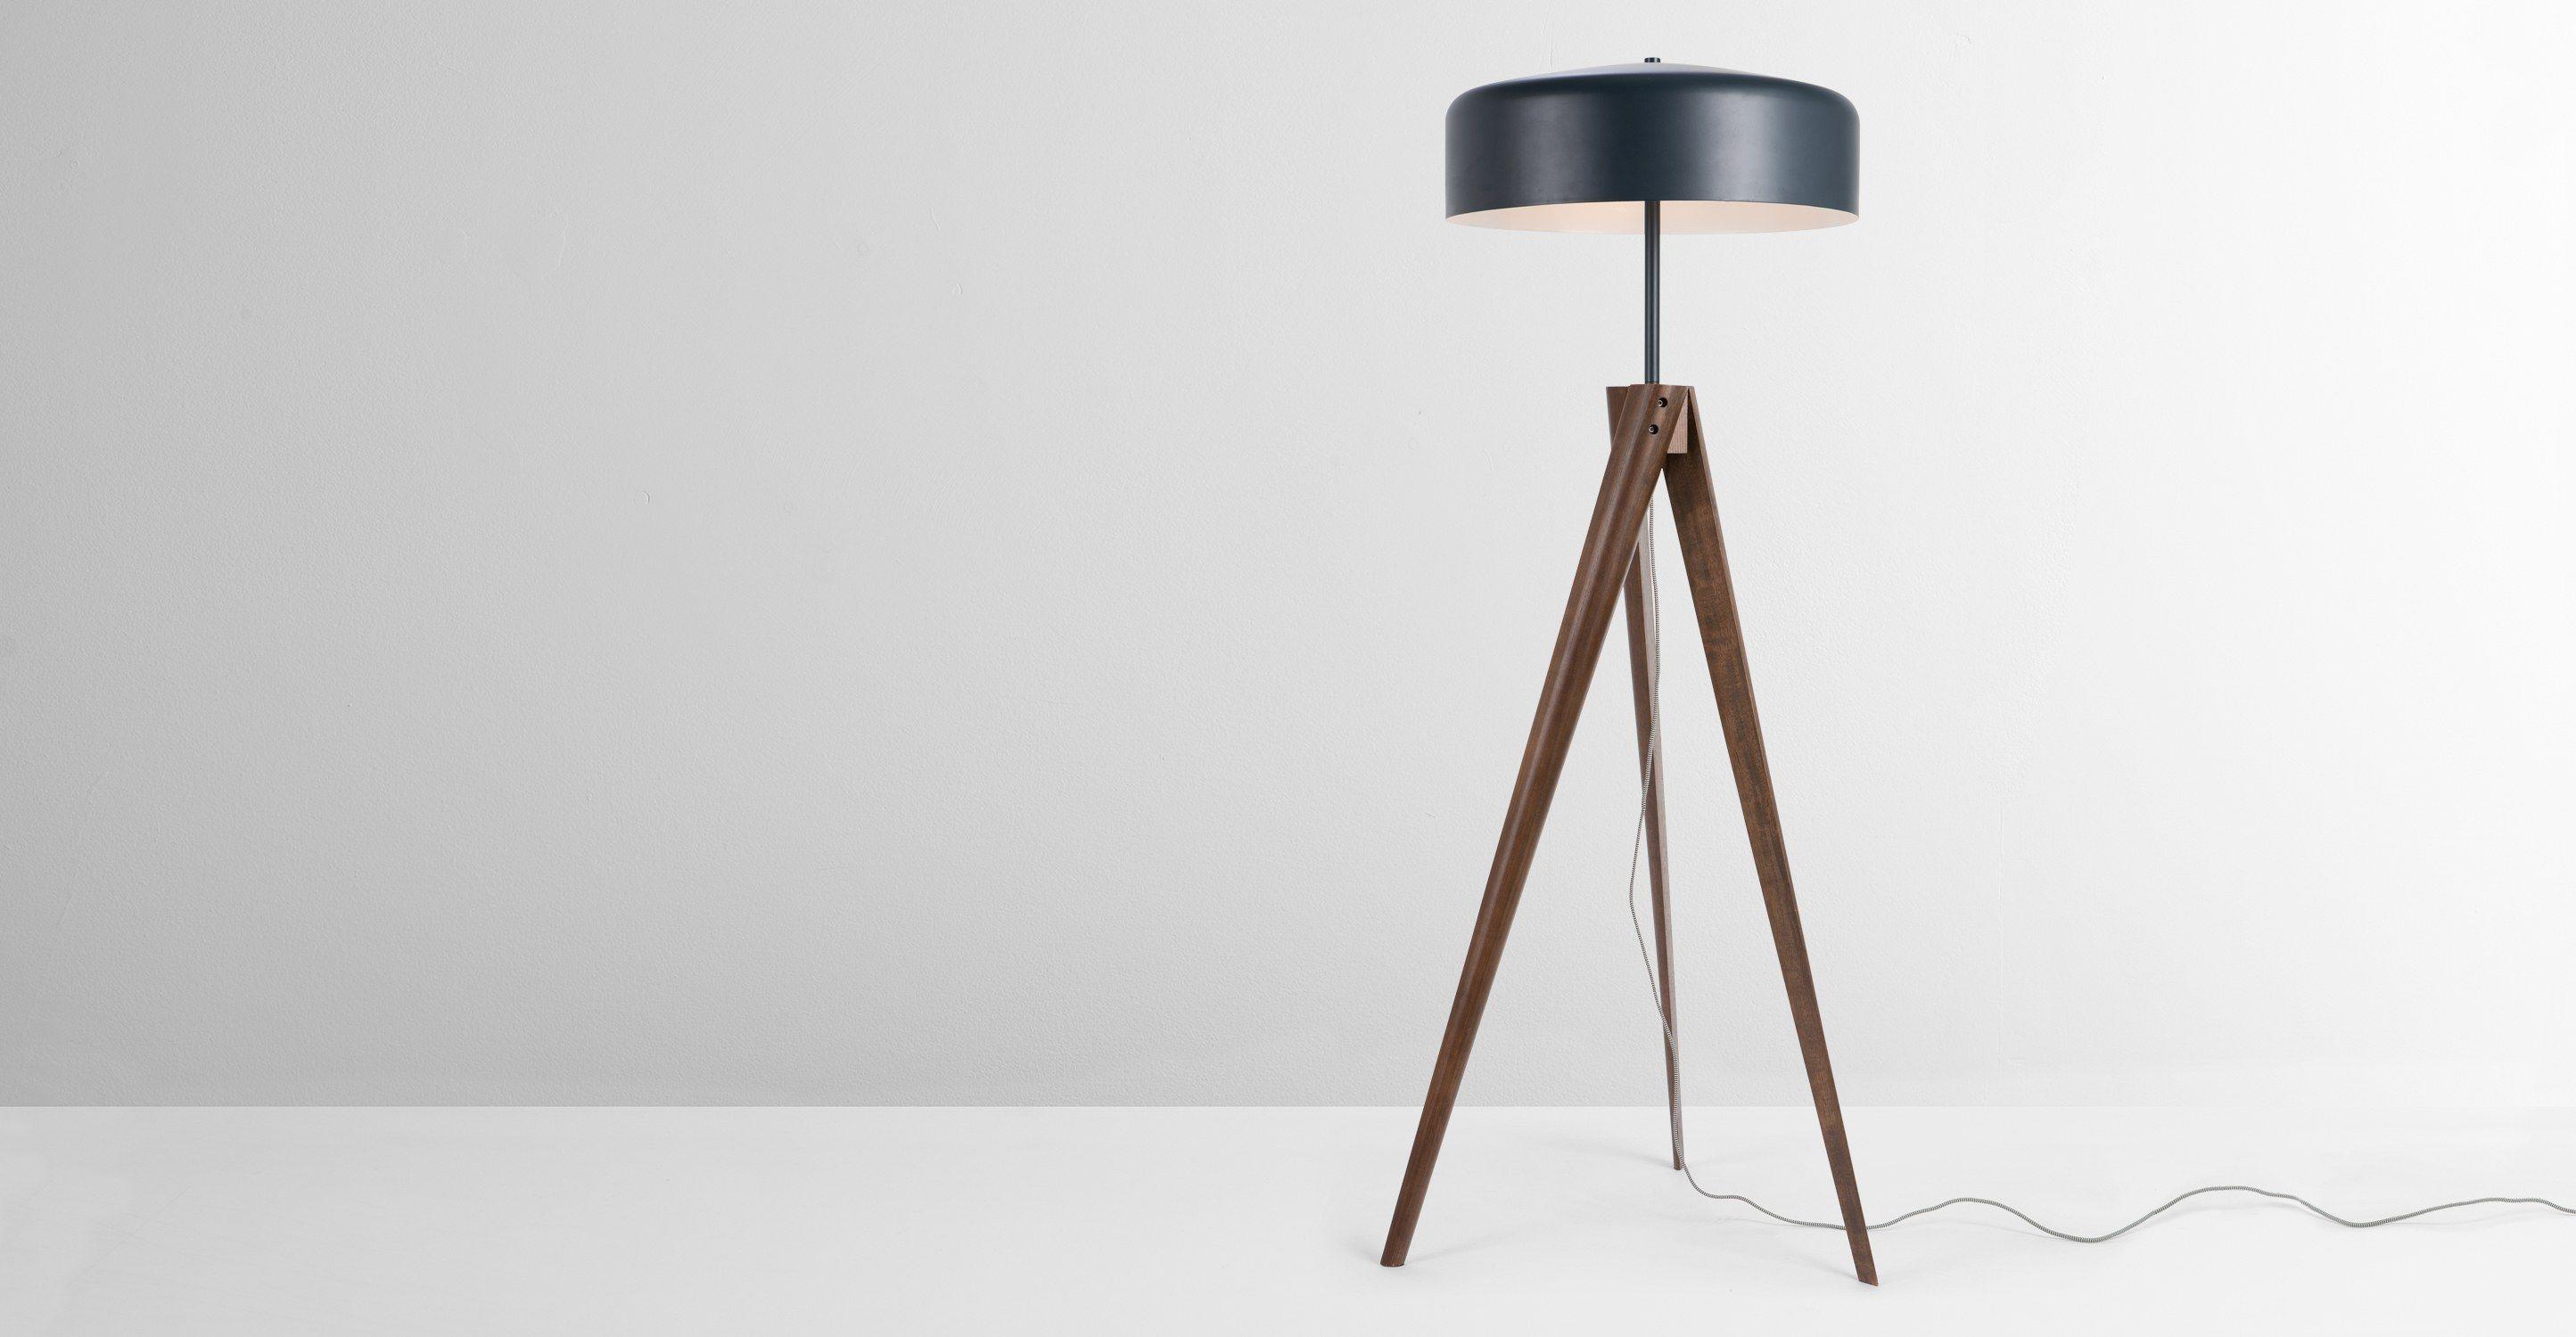 Staande lamp design led lumina flo staande lamp design online